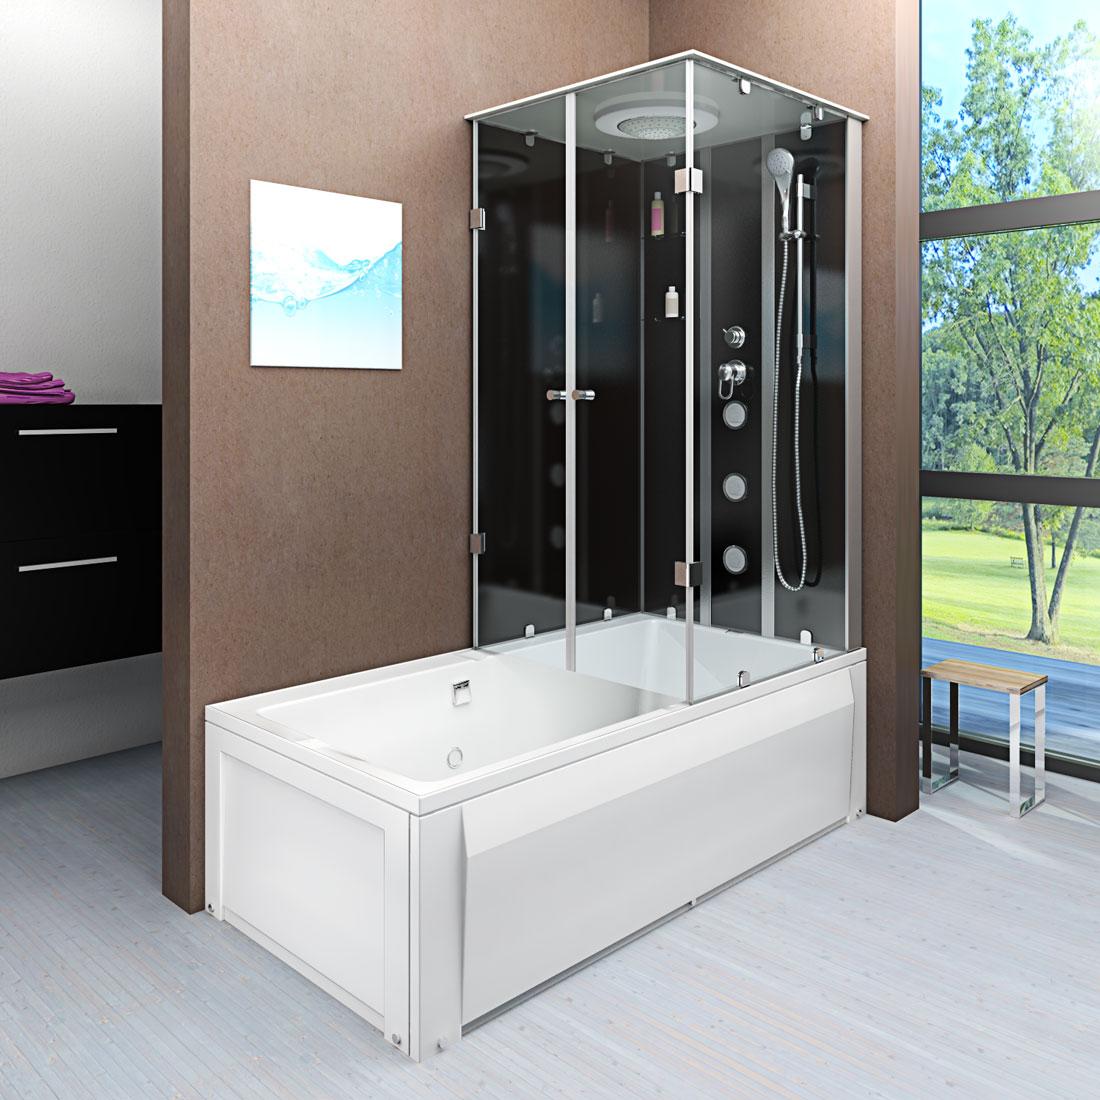 Badewanne Und Dusche. Affordable Bad Dusche Dusche Wanne ...